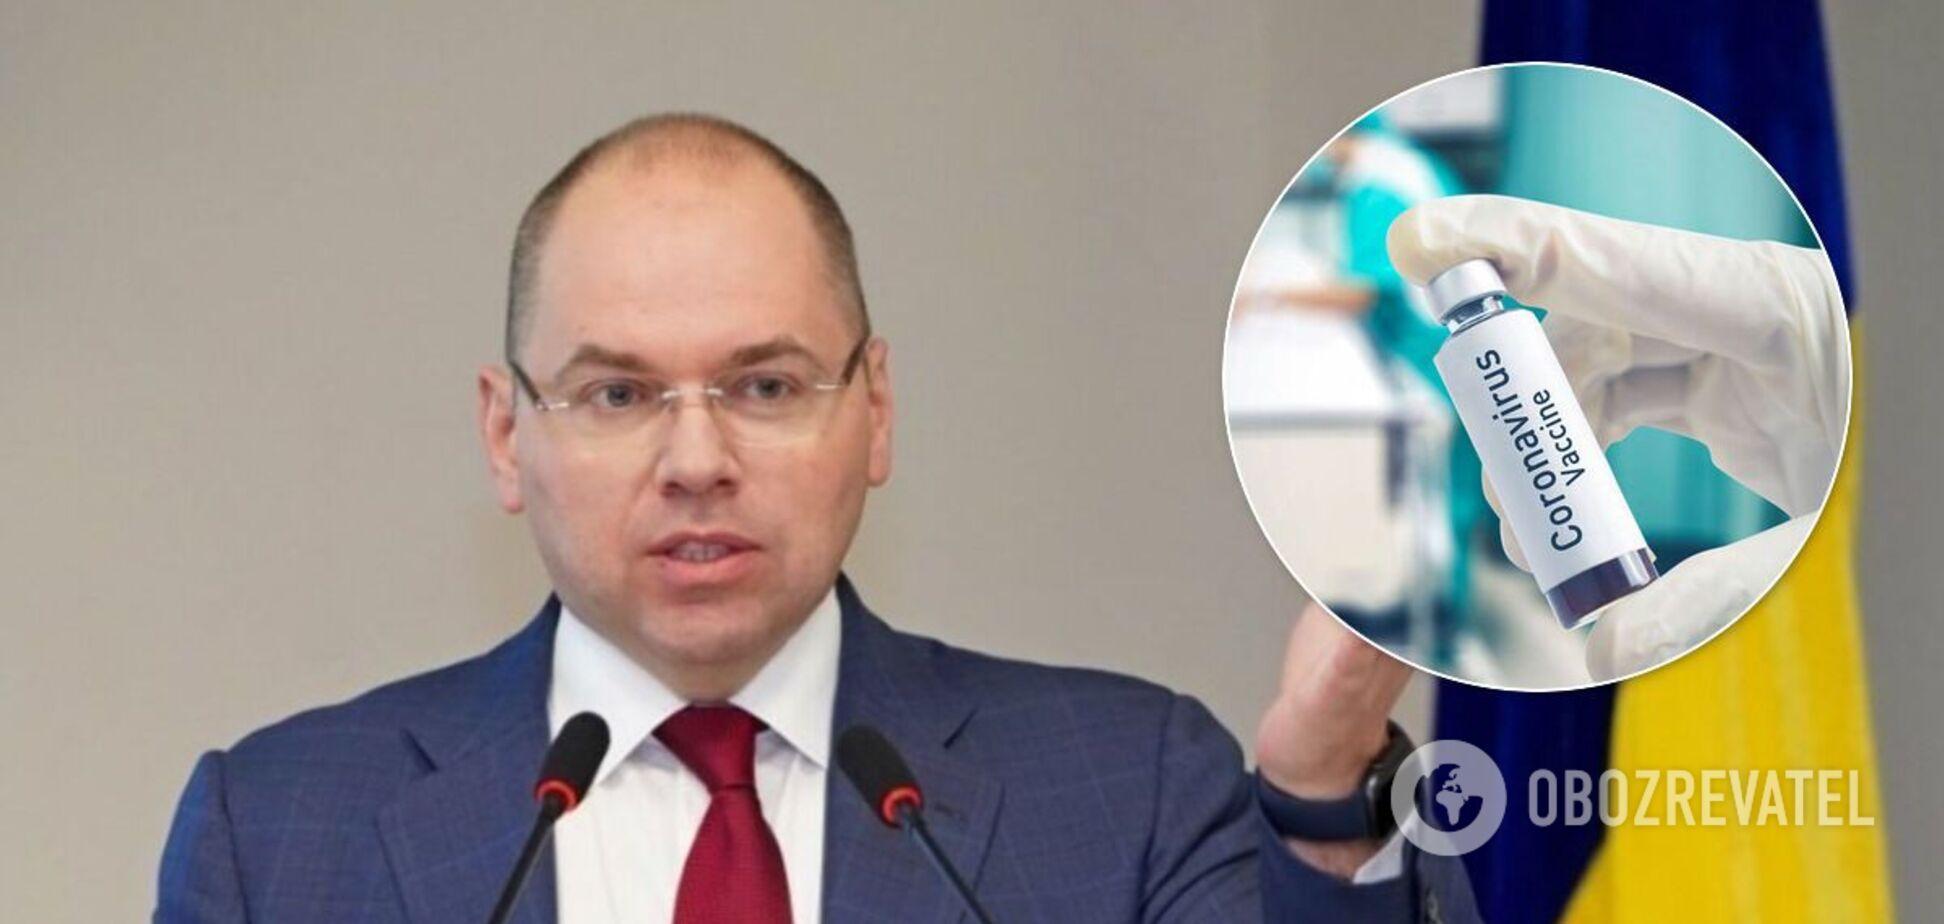 Степанов відповів, чому Україна однією з останніх отримає вакцину від COVID-19